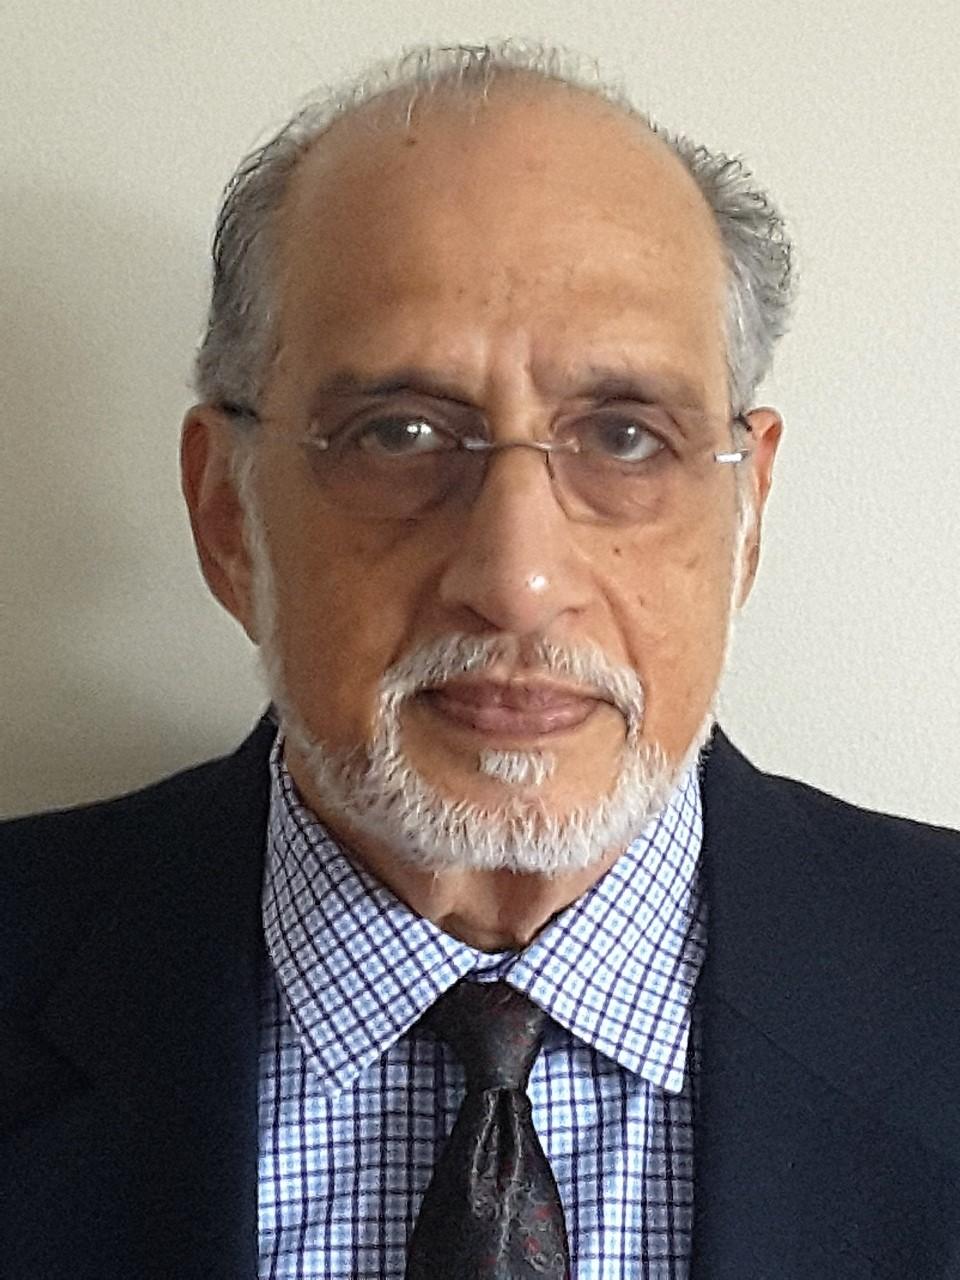 Dr. Chandrasekhar Natarajan